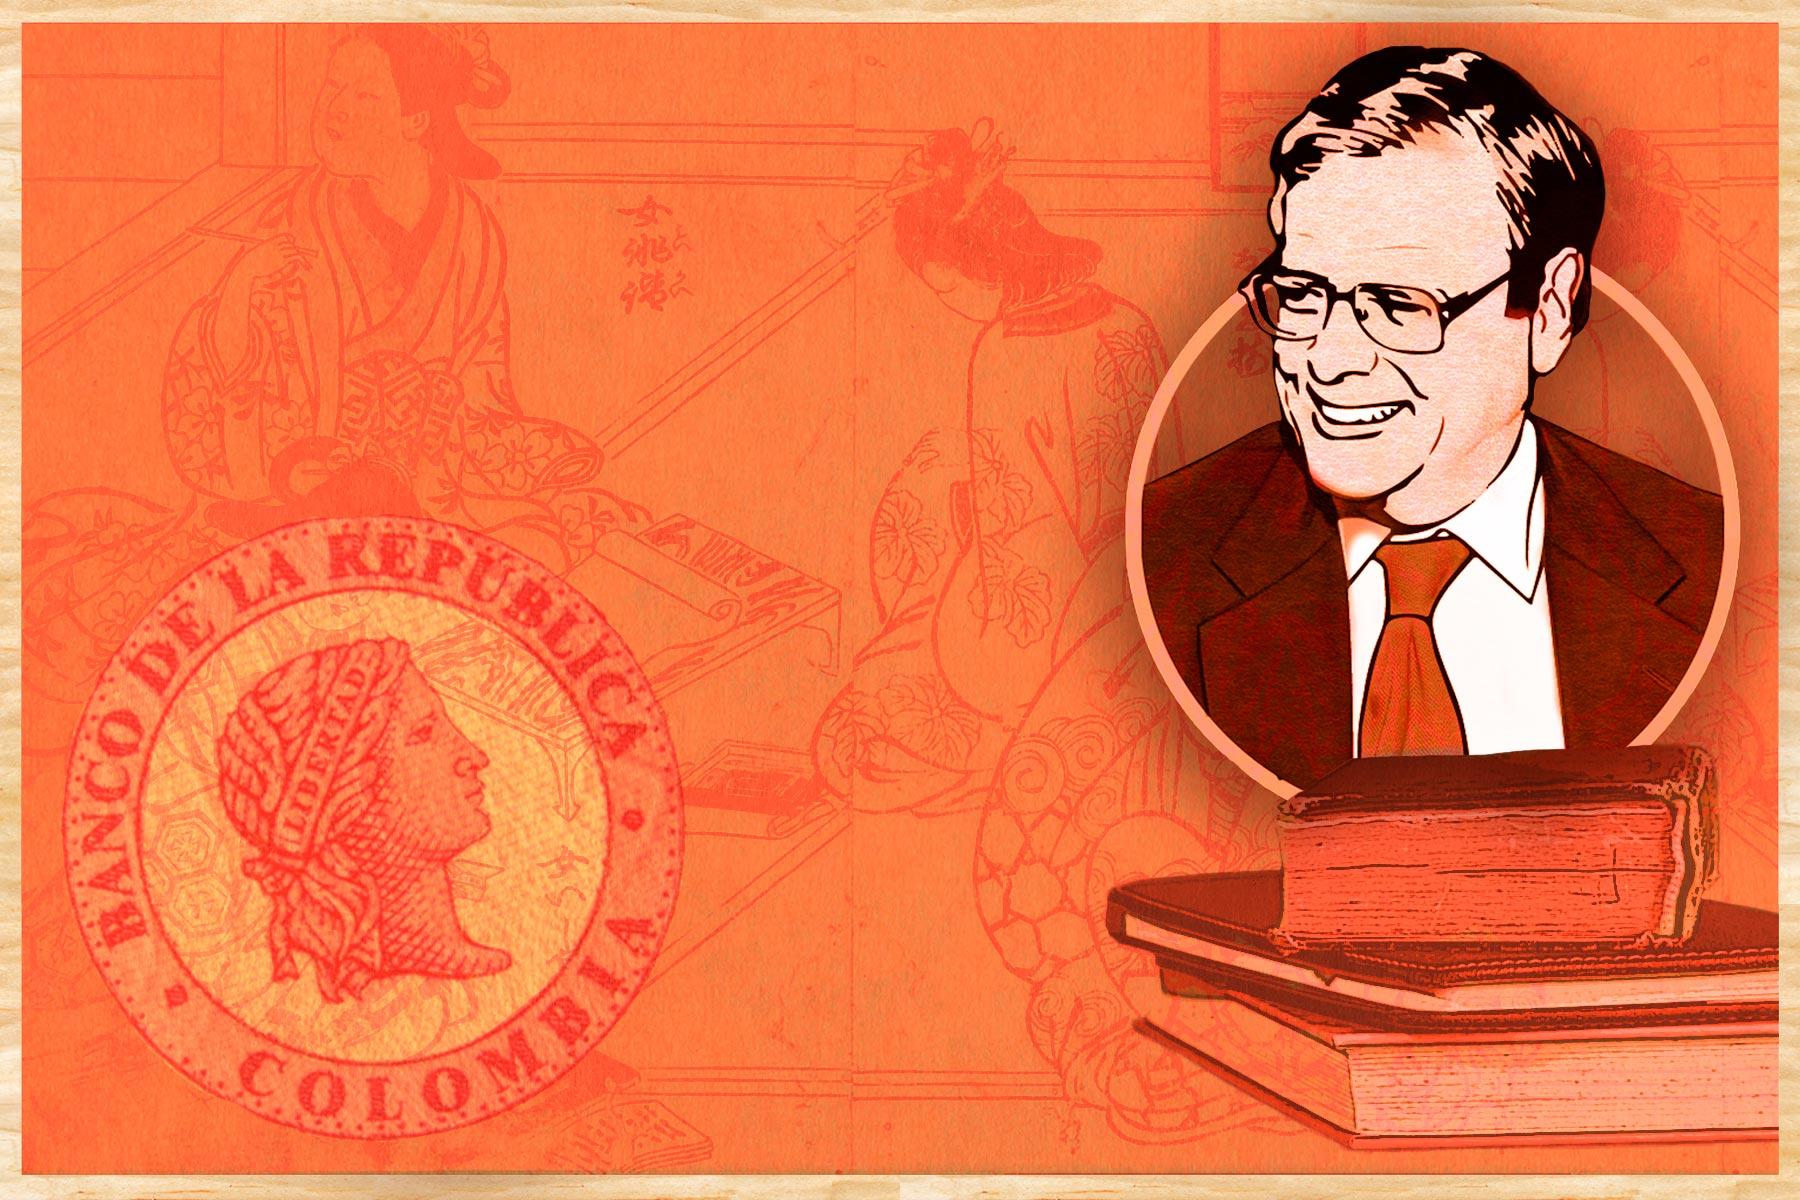 Ilustración del economista Miguel Urrutia acompañada de ilustraciones de libros y del sello del Banco de la República.